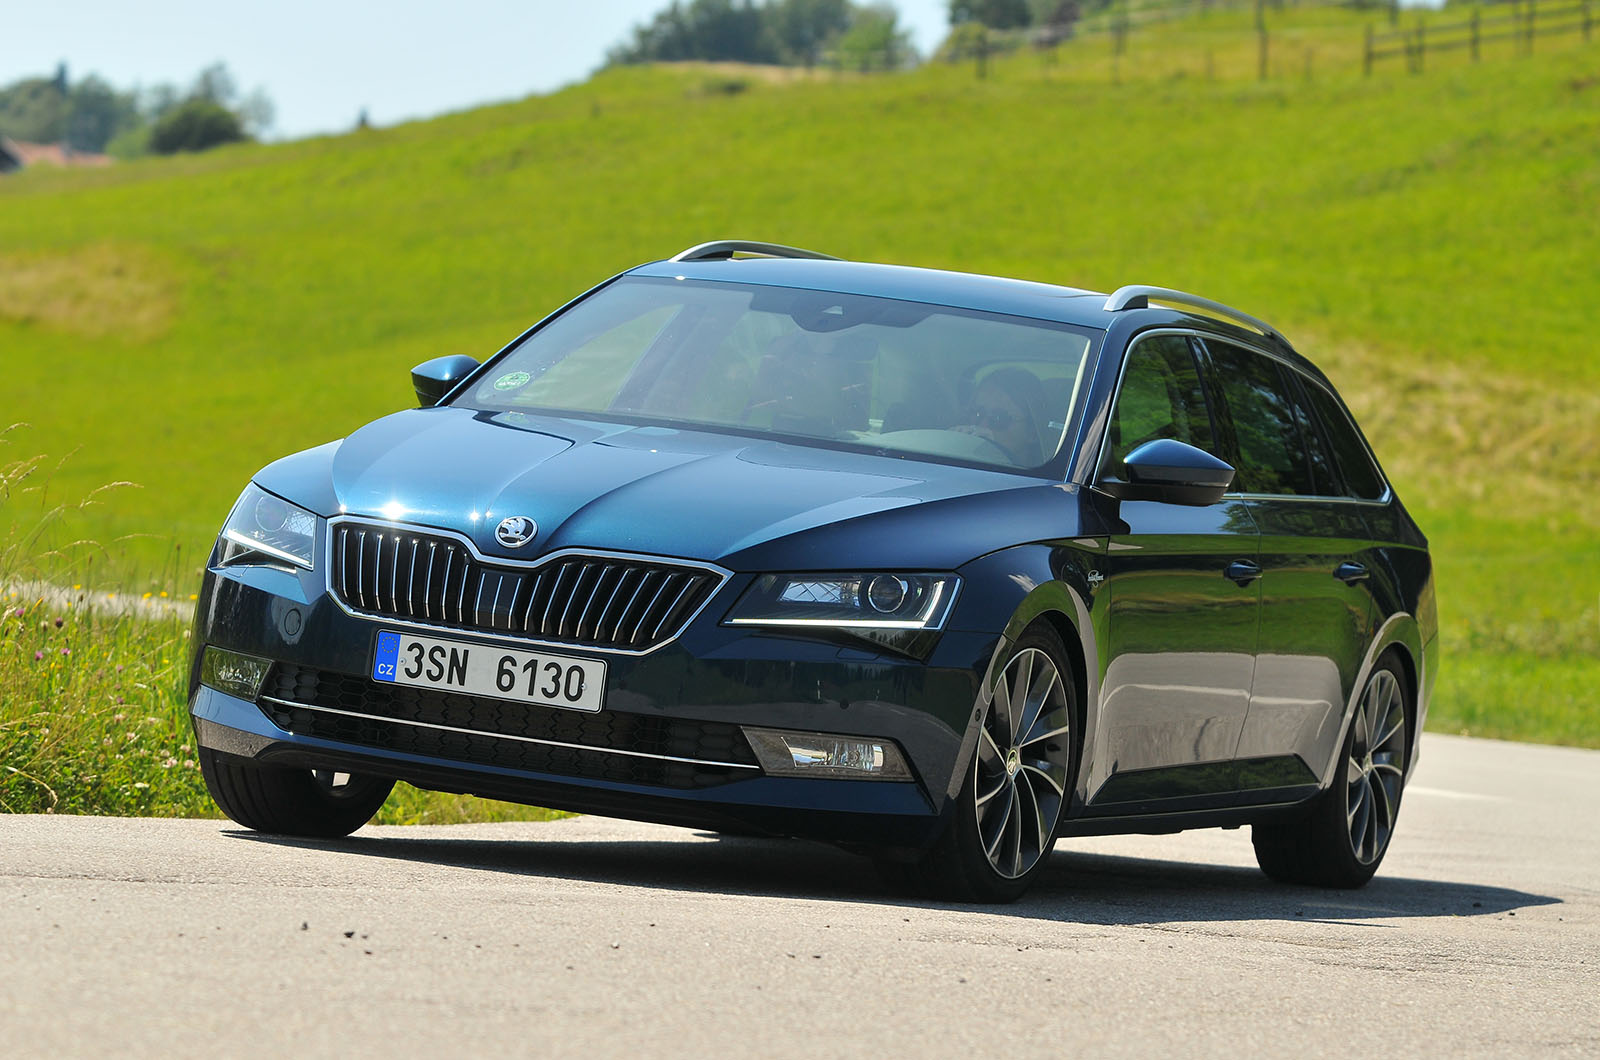 2015 Skoda Superb Estate 2 0 Tdi 190 4x4 Dsg Review Review Autocar